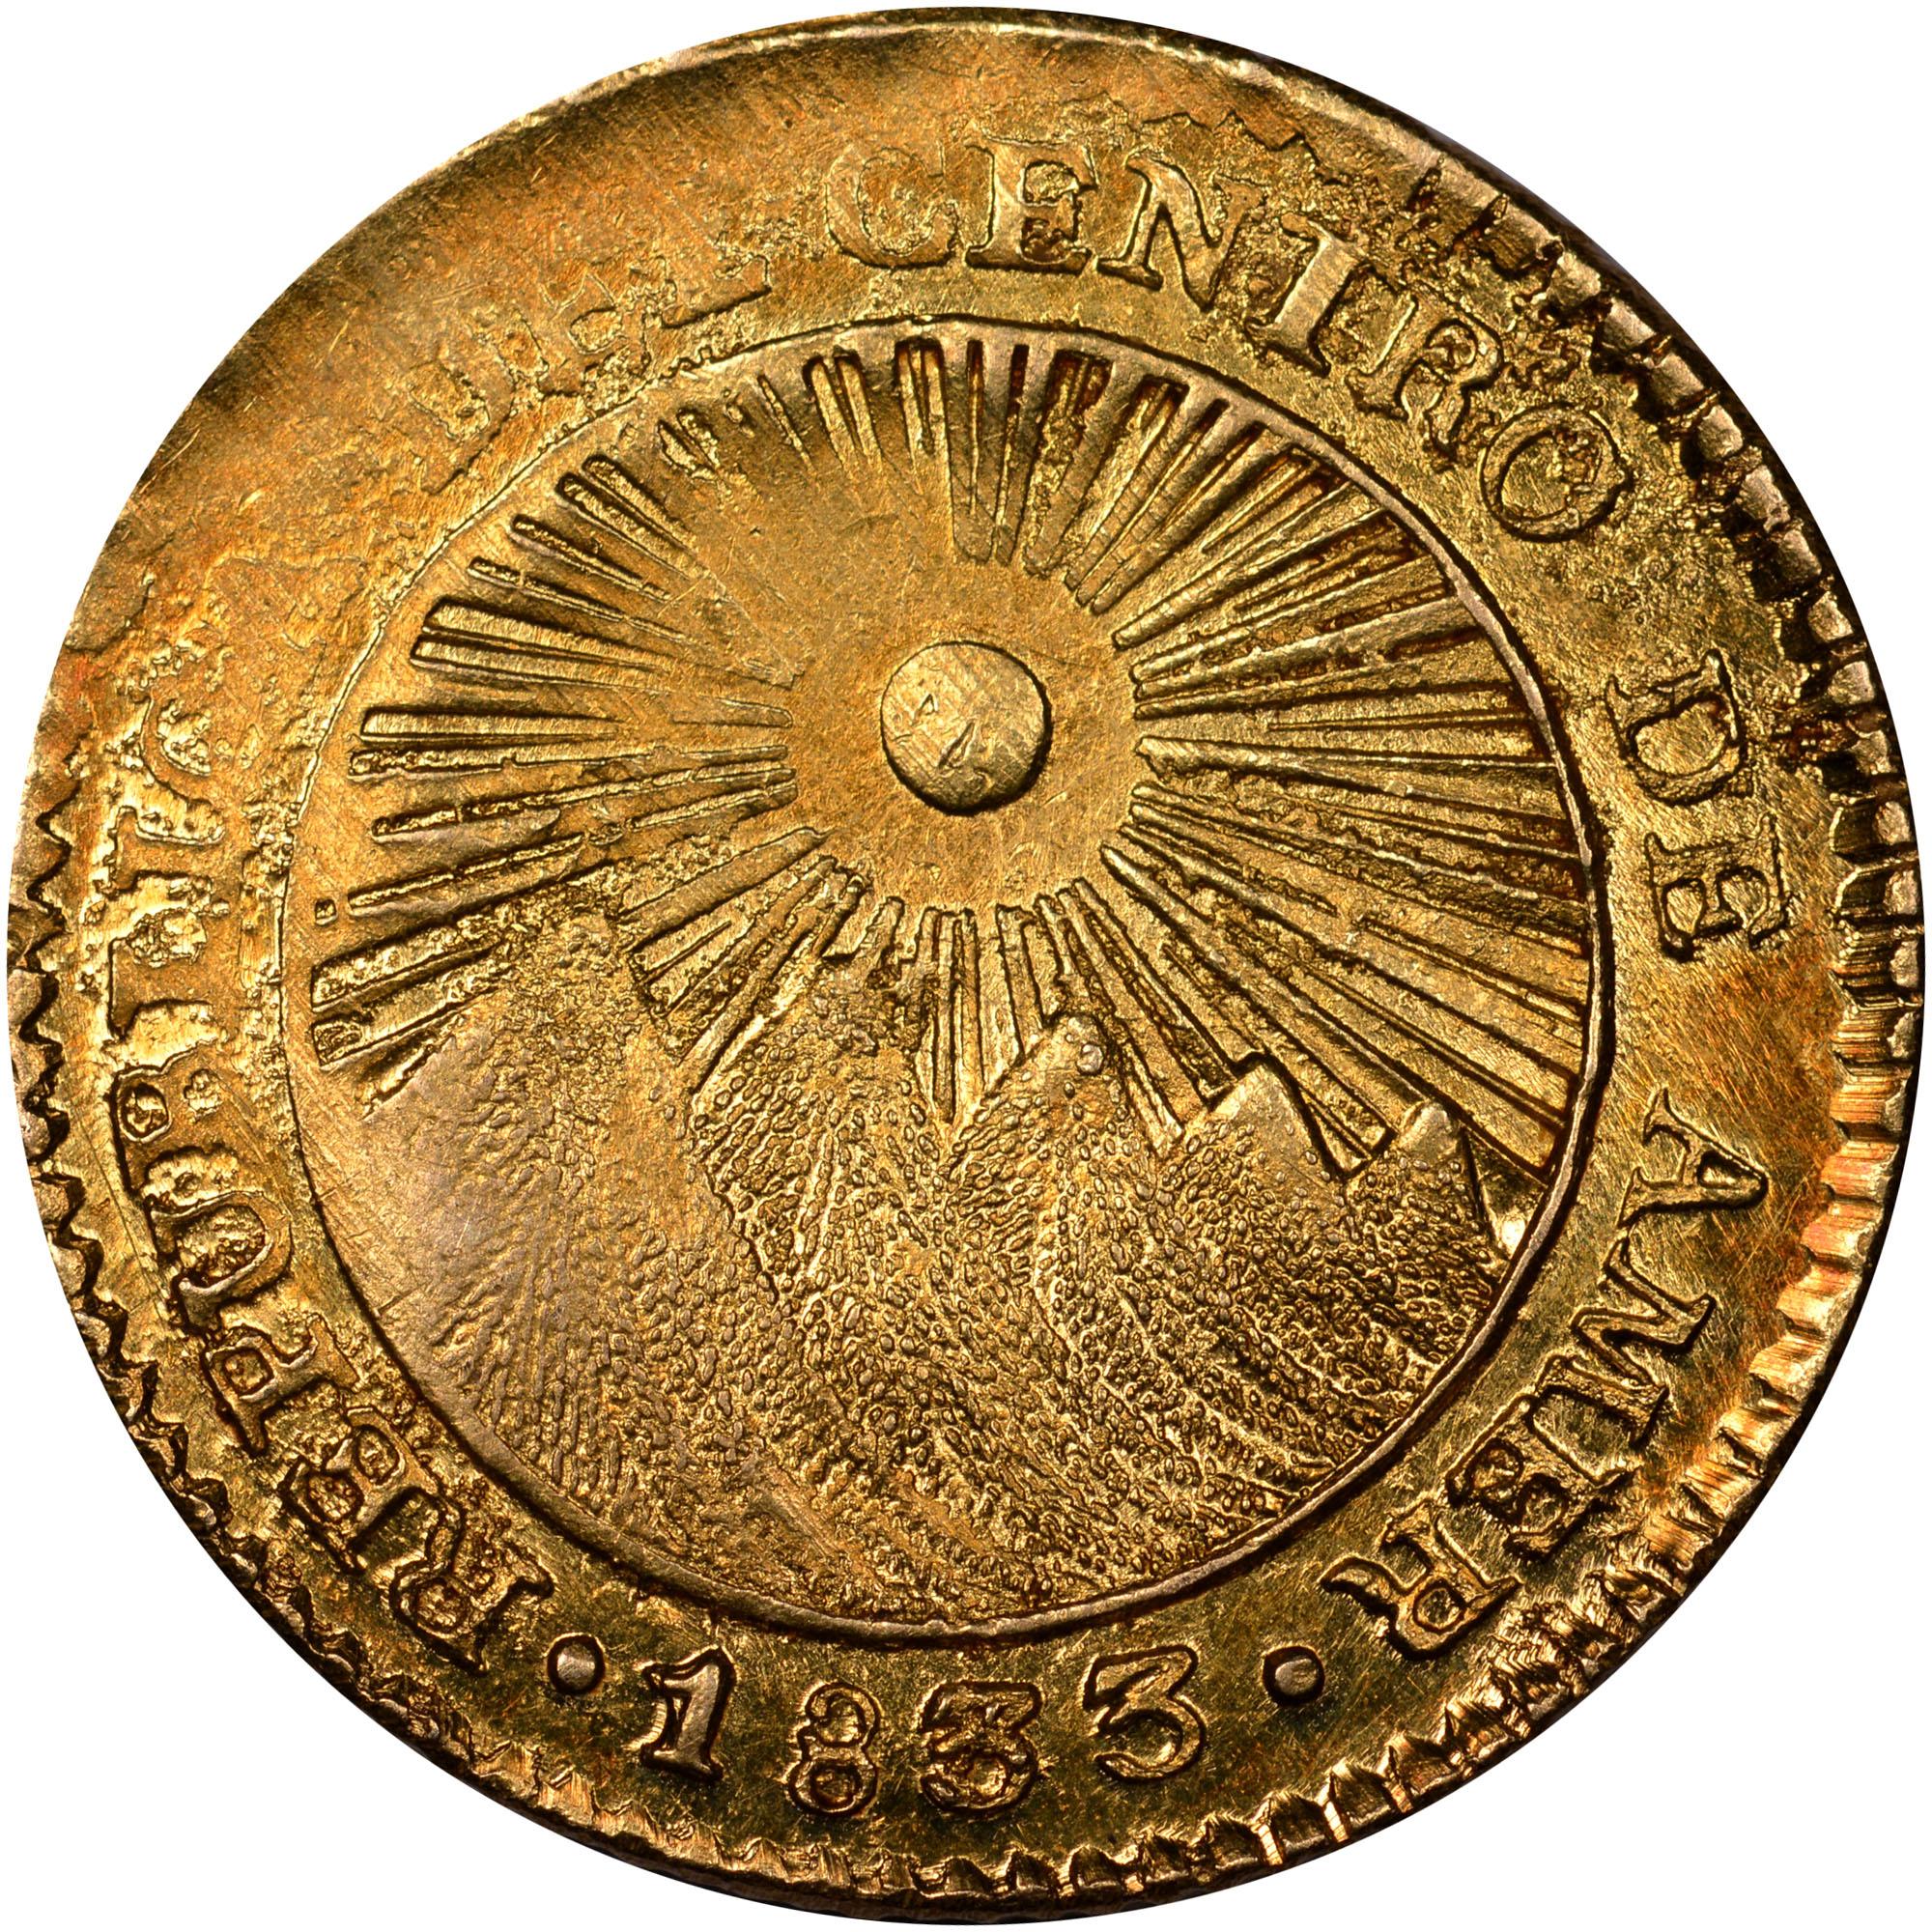 1828-1850 Central American Republic Escudo obverse